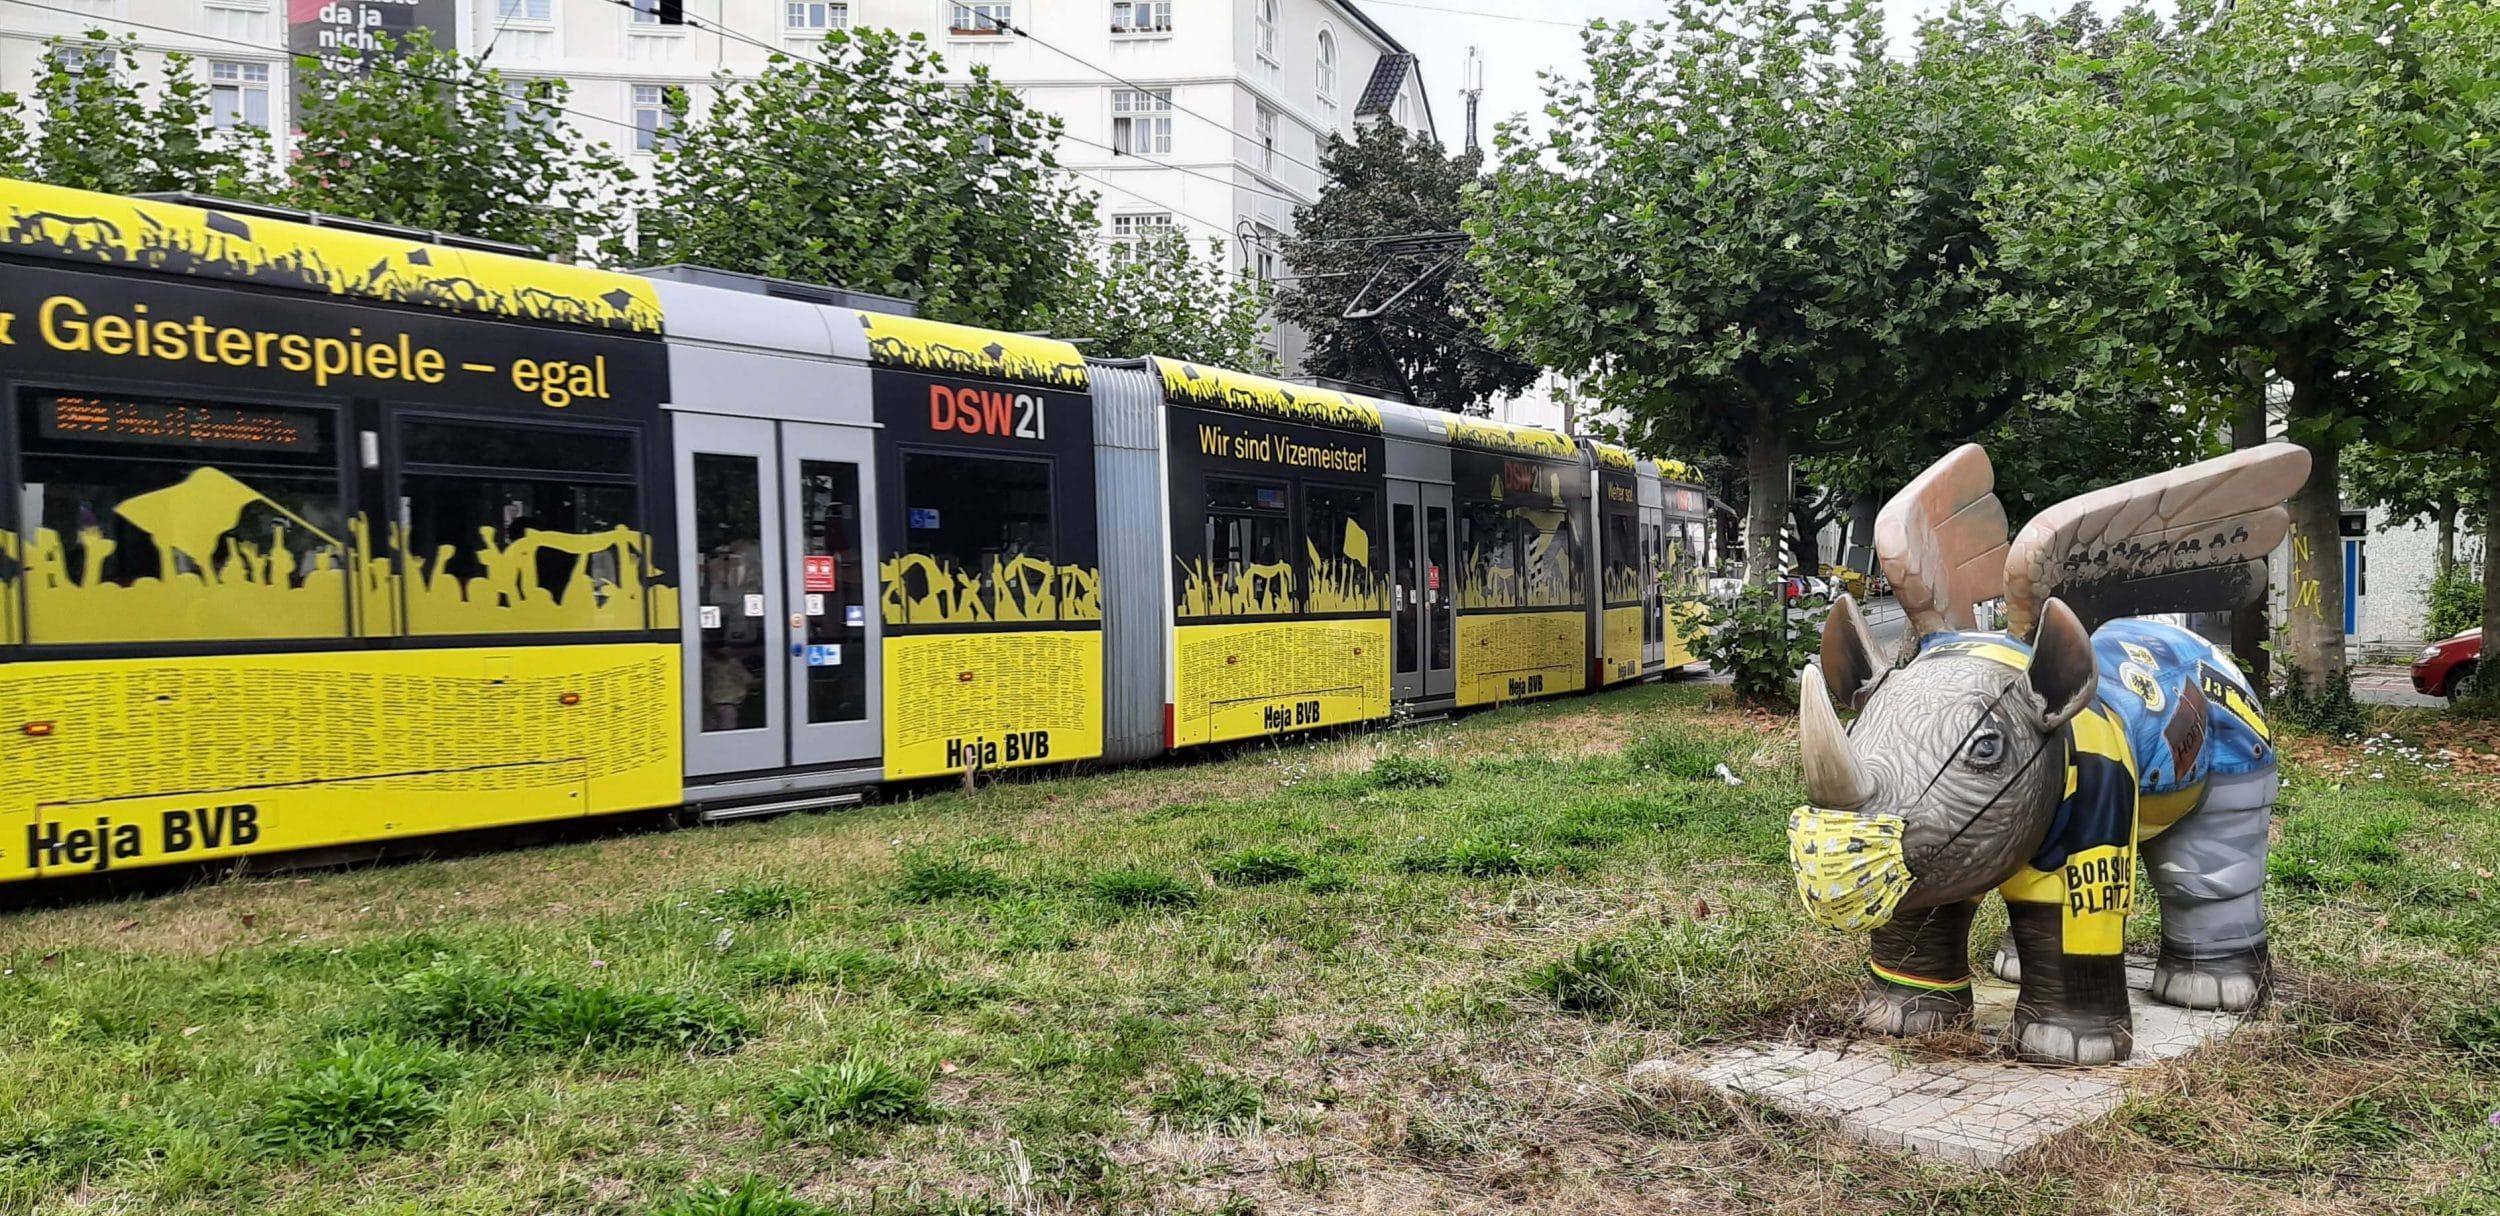 Auf dem Weg zum Stadion kann man Hoppy mit seinem neuen Buff bewundern. (Foto: Runder Tisch BVB und Borsigplatz)